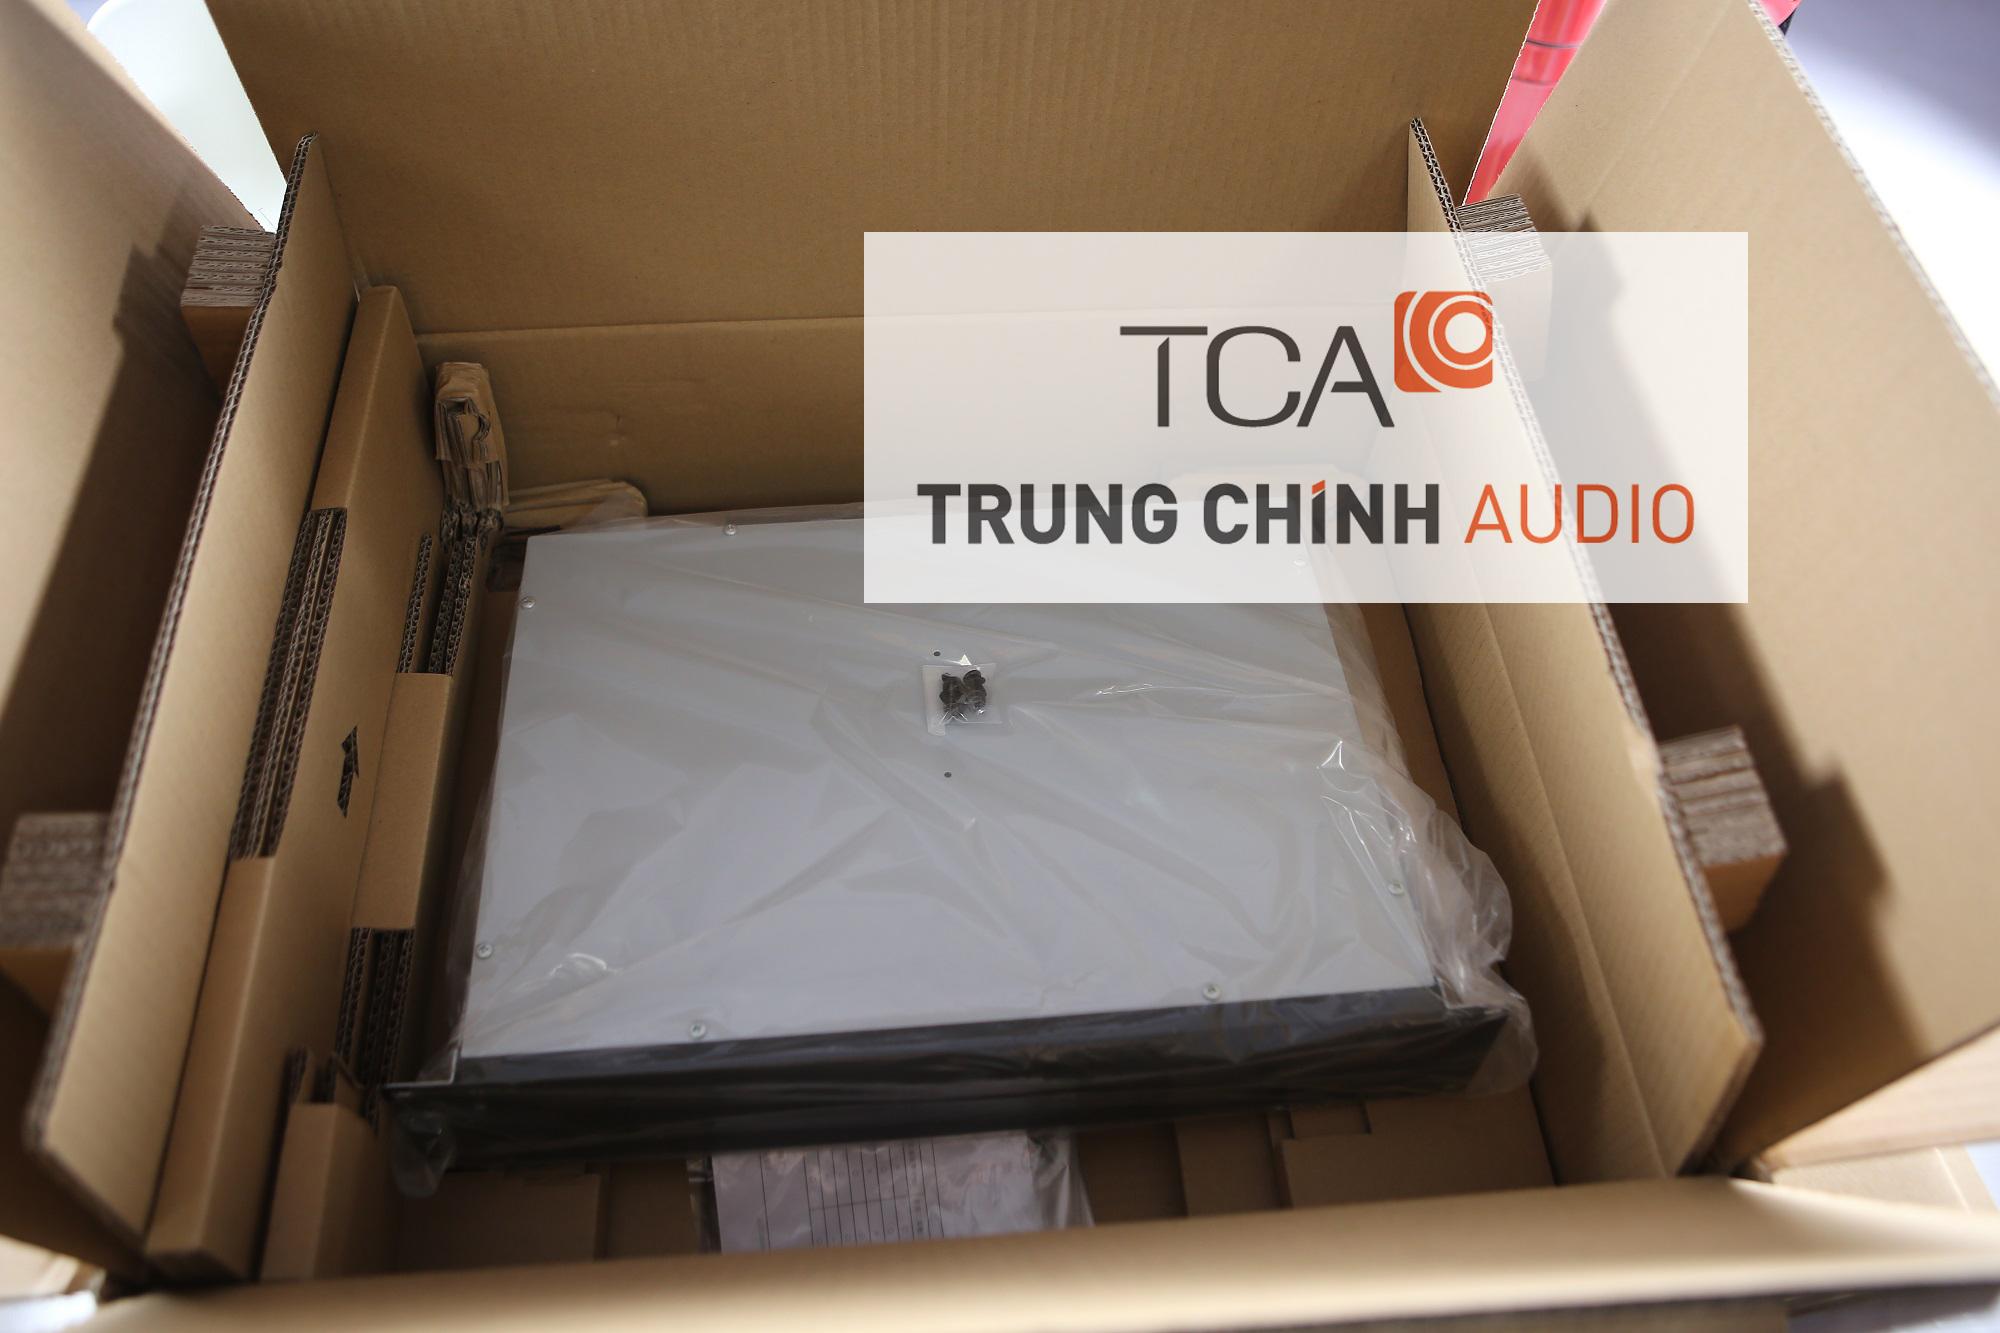 TOA VP-2122, hệ thống nguồn cấp điện TOA VP-2122, TOA power amplifier VP-2122, cục đẩy VP-2122